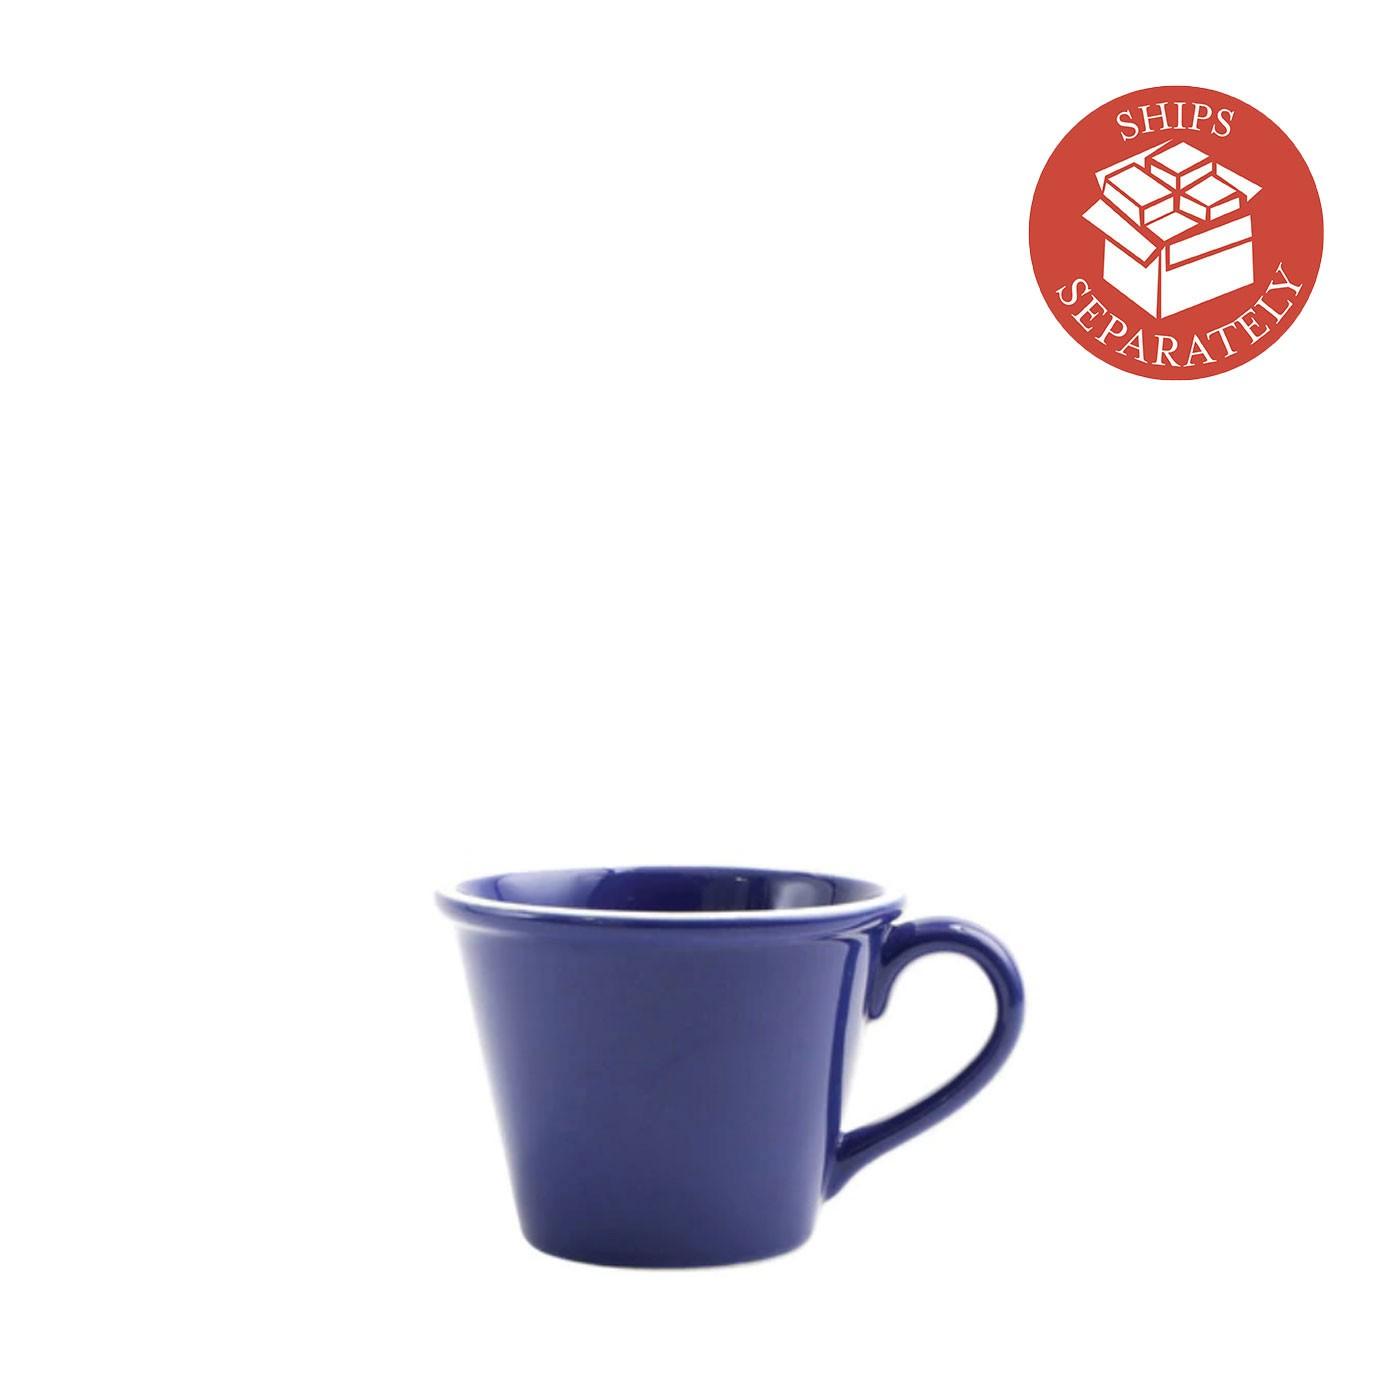 Chroma Chroma Blue Mug - Vietri | Eataly.com